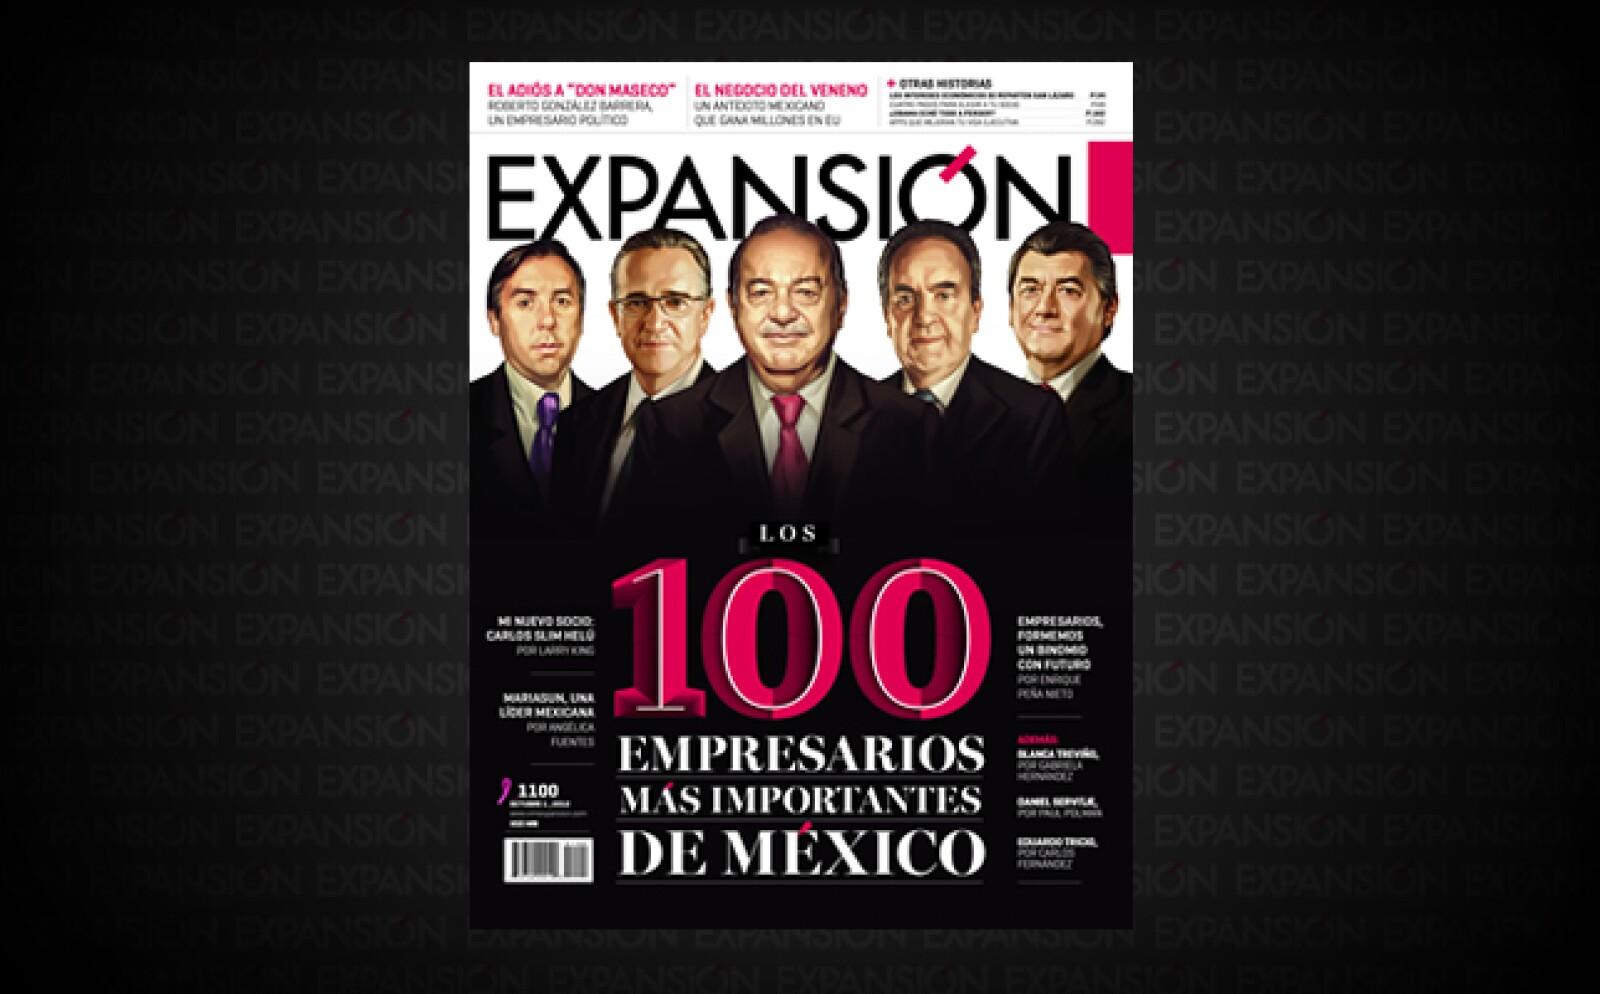 Federico Terrazas presidente de Grupo Cementos de Chihuahua, y Eugenio López, director de Jumex, ingresan por primera vez al listado. Los empresarios han comenzado a concentrarse en salir a explorar nuevos mercados.